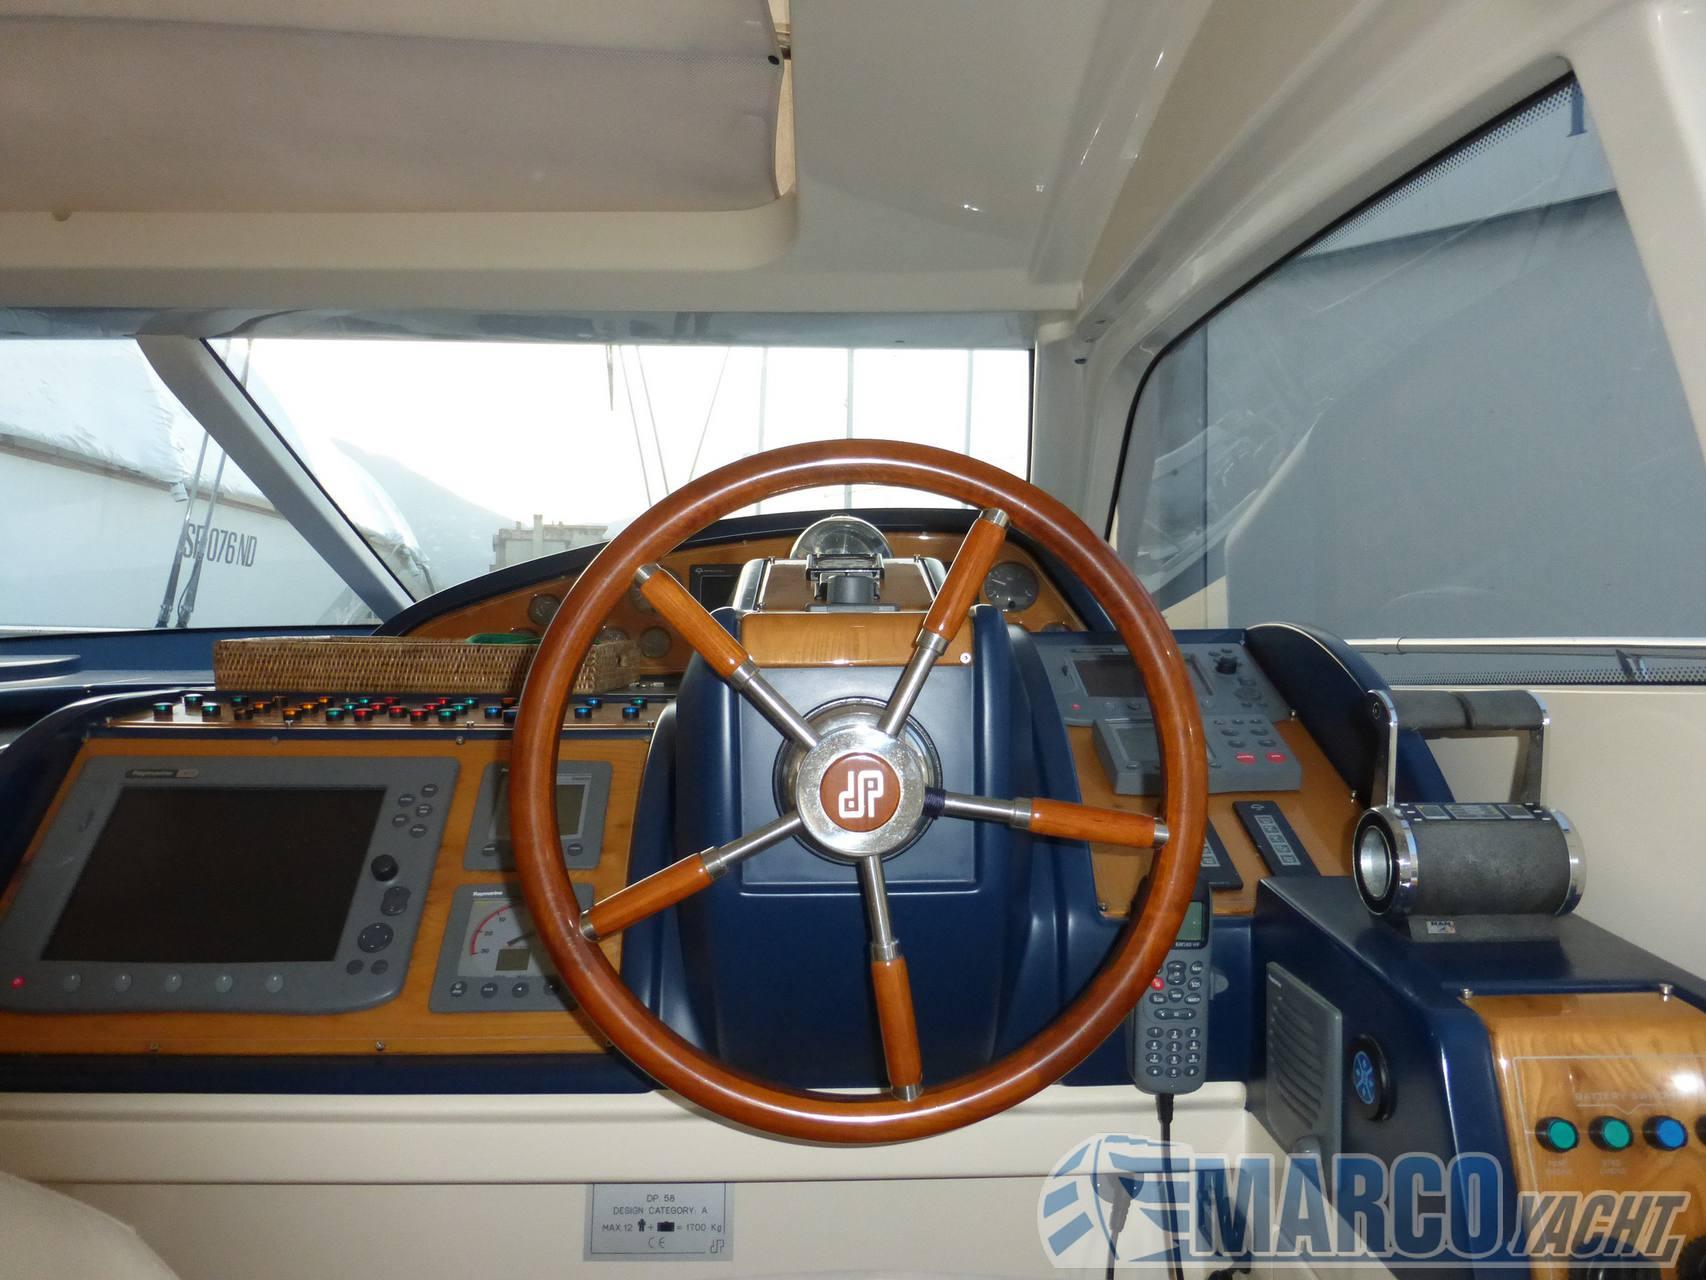 Dalla pietà Dp 58 ht Motorboot